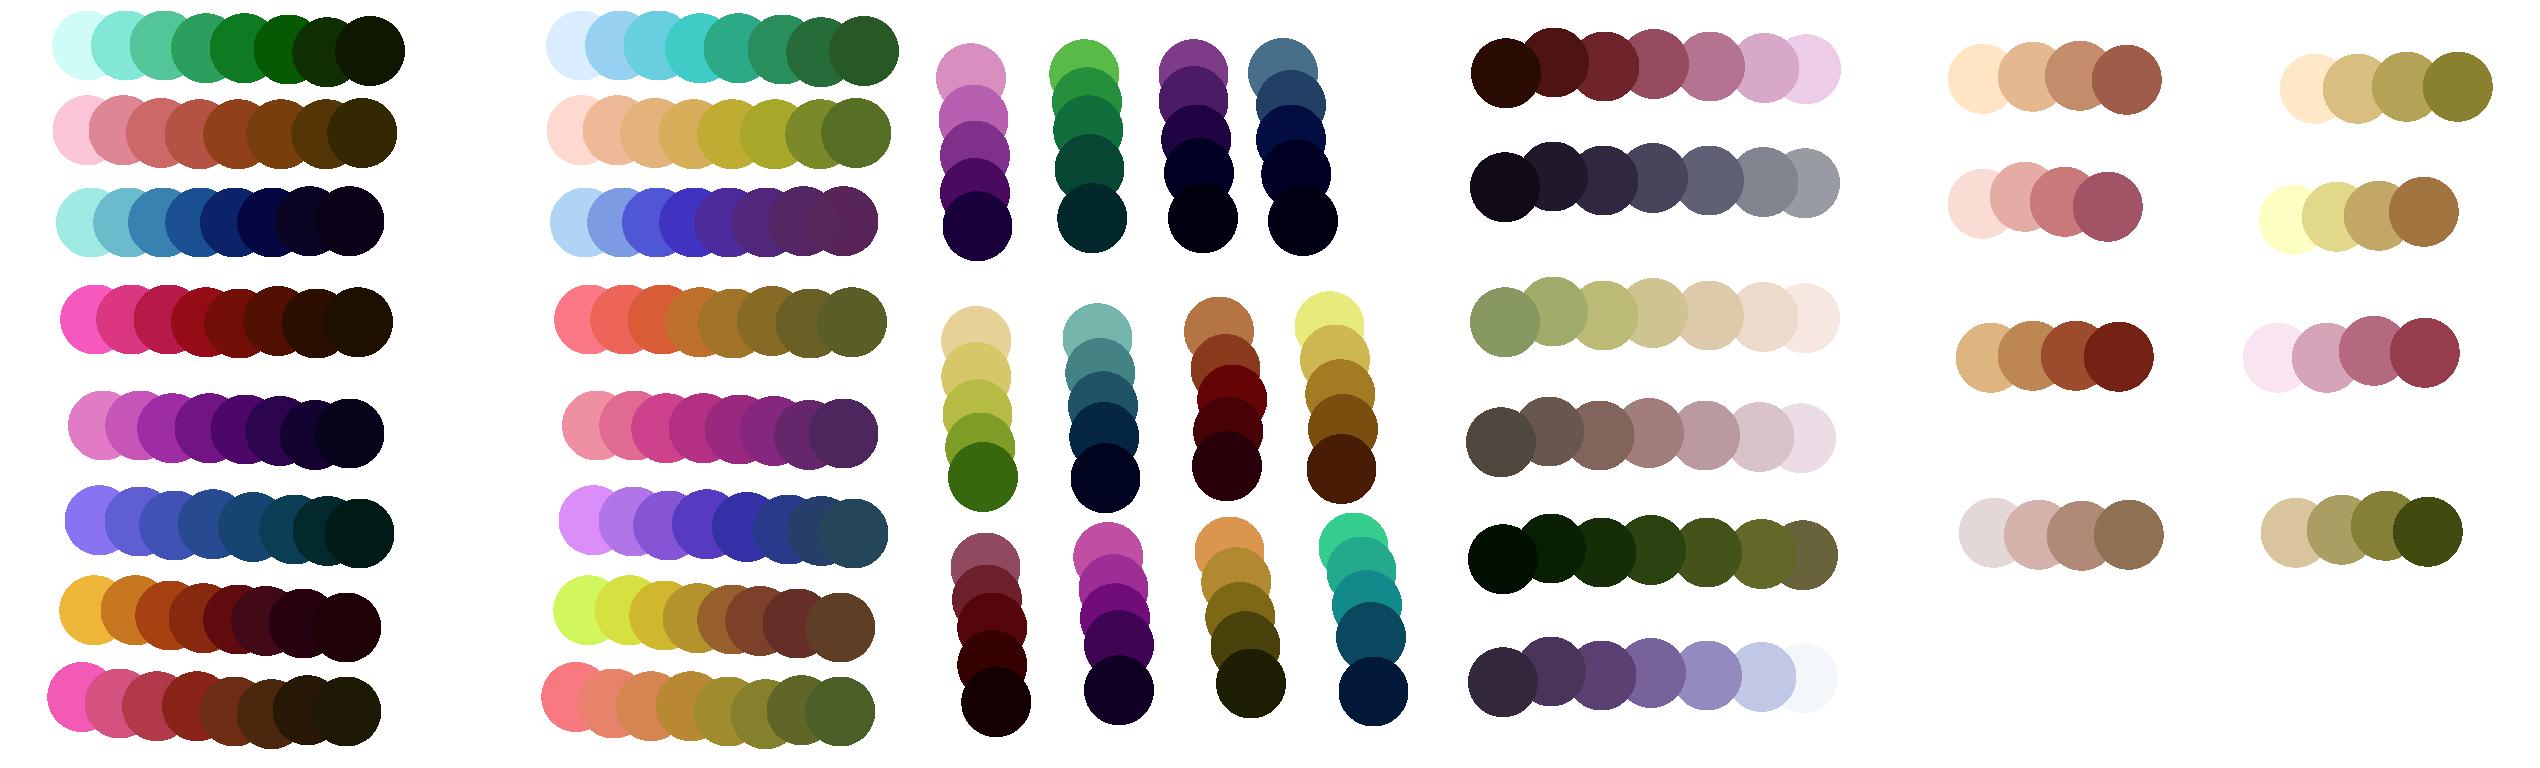 Anime Hair Color Palette - Hot Girls Wallpaper